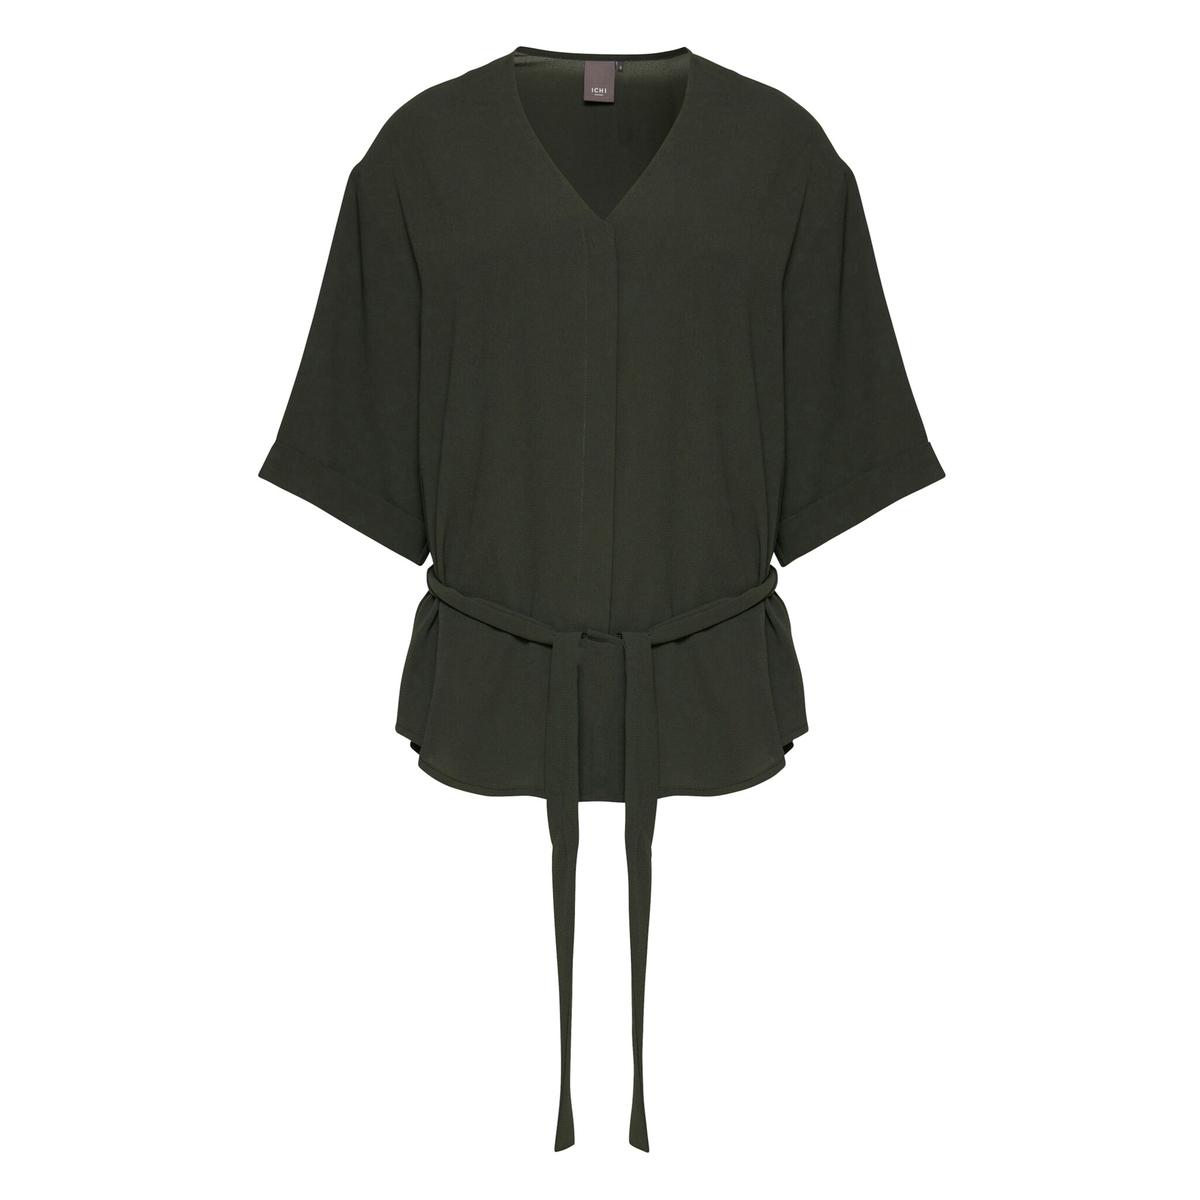 Блузка на завязке с V-образным воротником и короткими рукавами ENOVA SHIRTСостав и описаниеМарка: ICHI.Модель: ENOVA SHIRT.Материалы: 100% полиэстер.<br><br>Цвет: хаки<br>Размер: XS/S